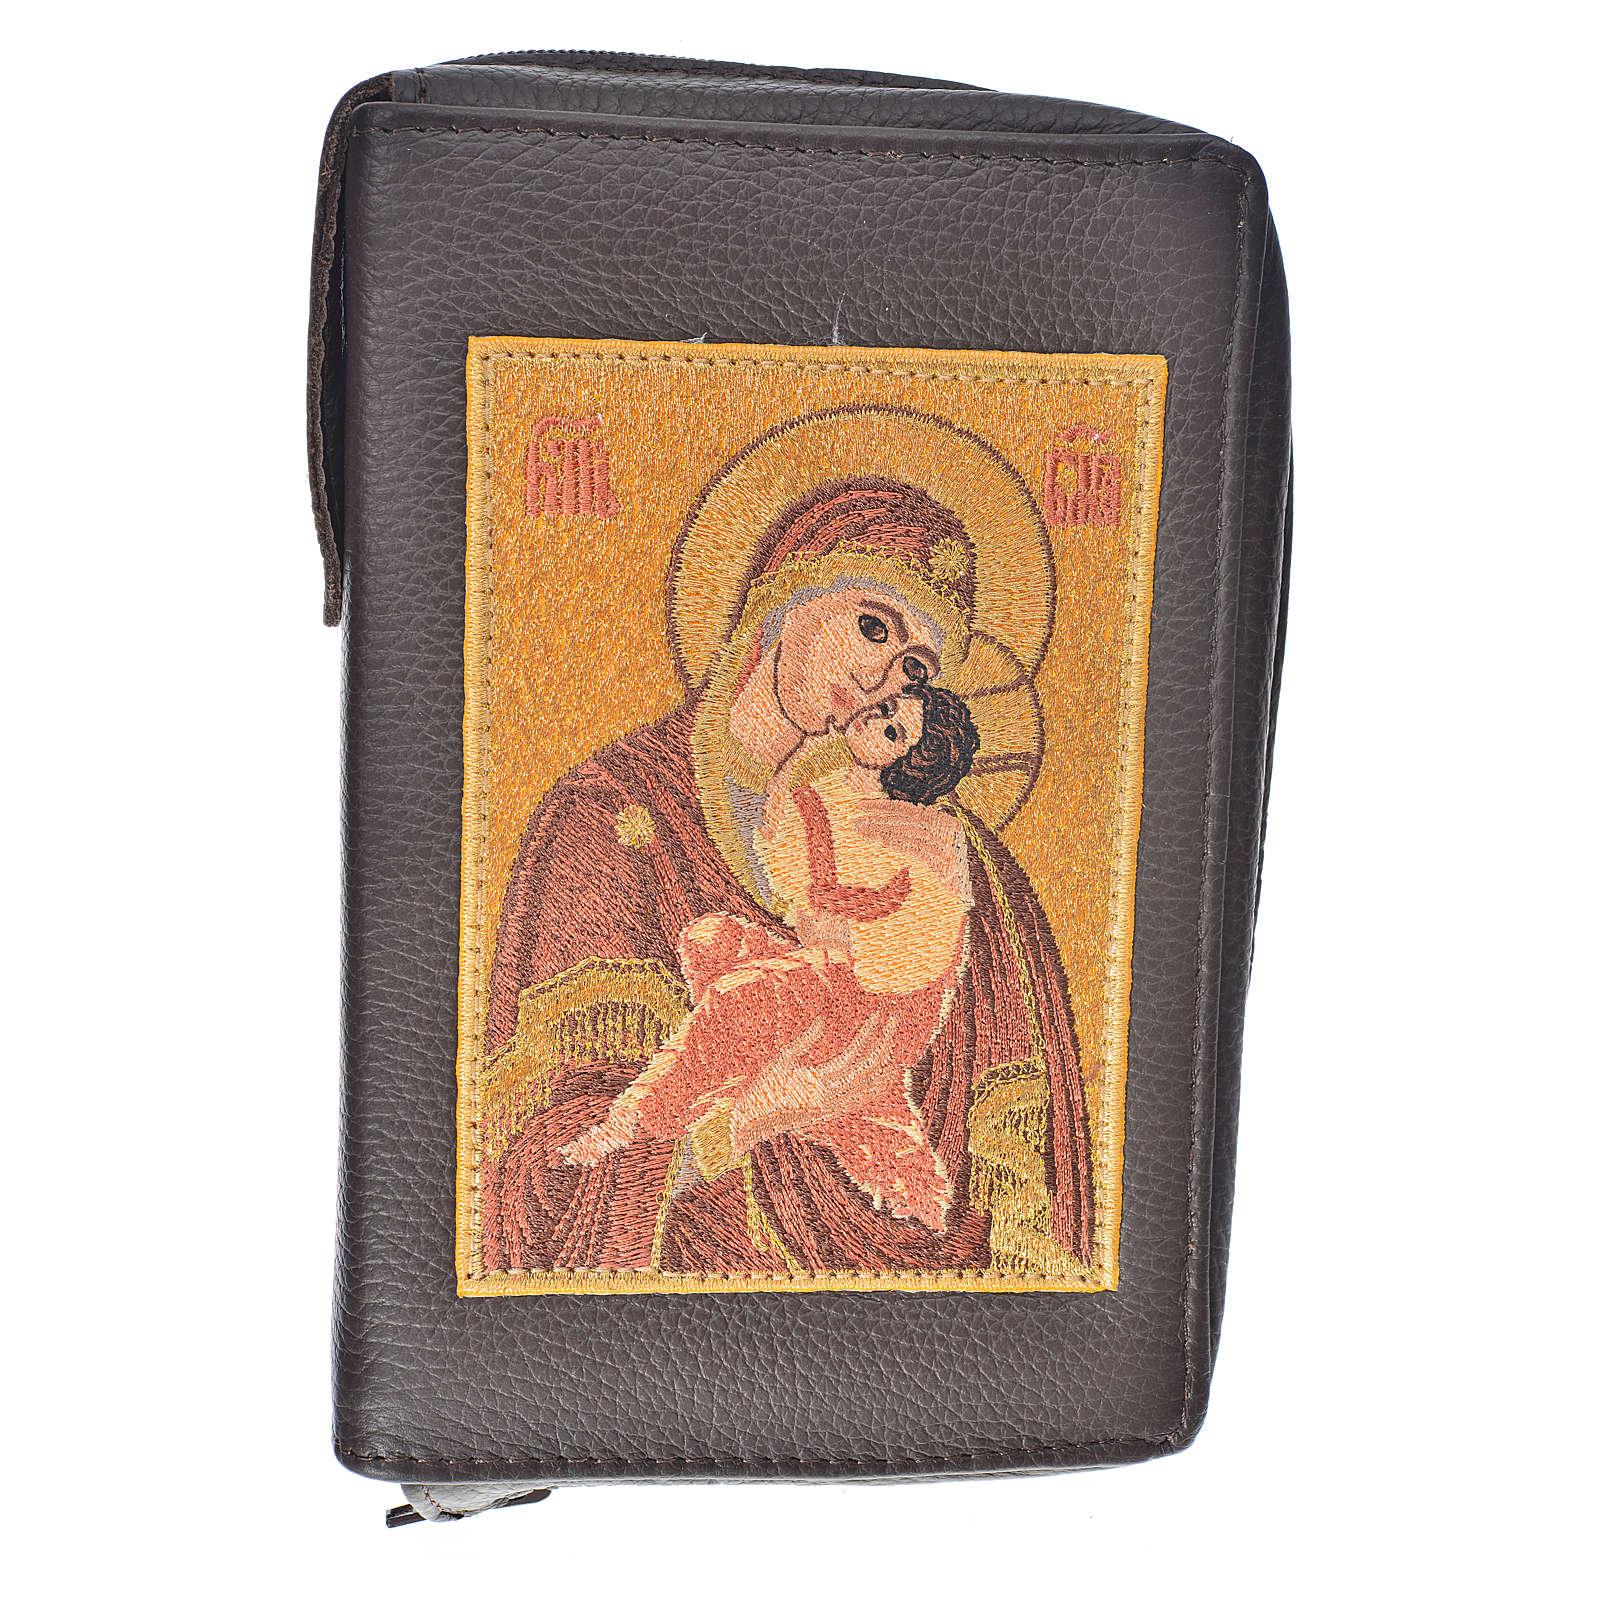 Funda Sagrada Biblia CEE ED. Pop. marrón cuero Virgen Kiko 4